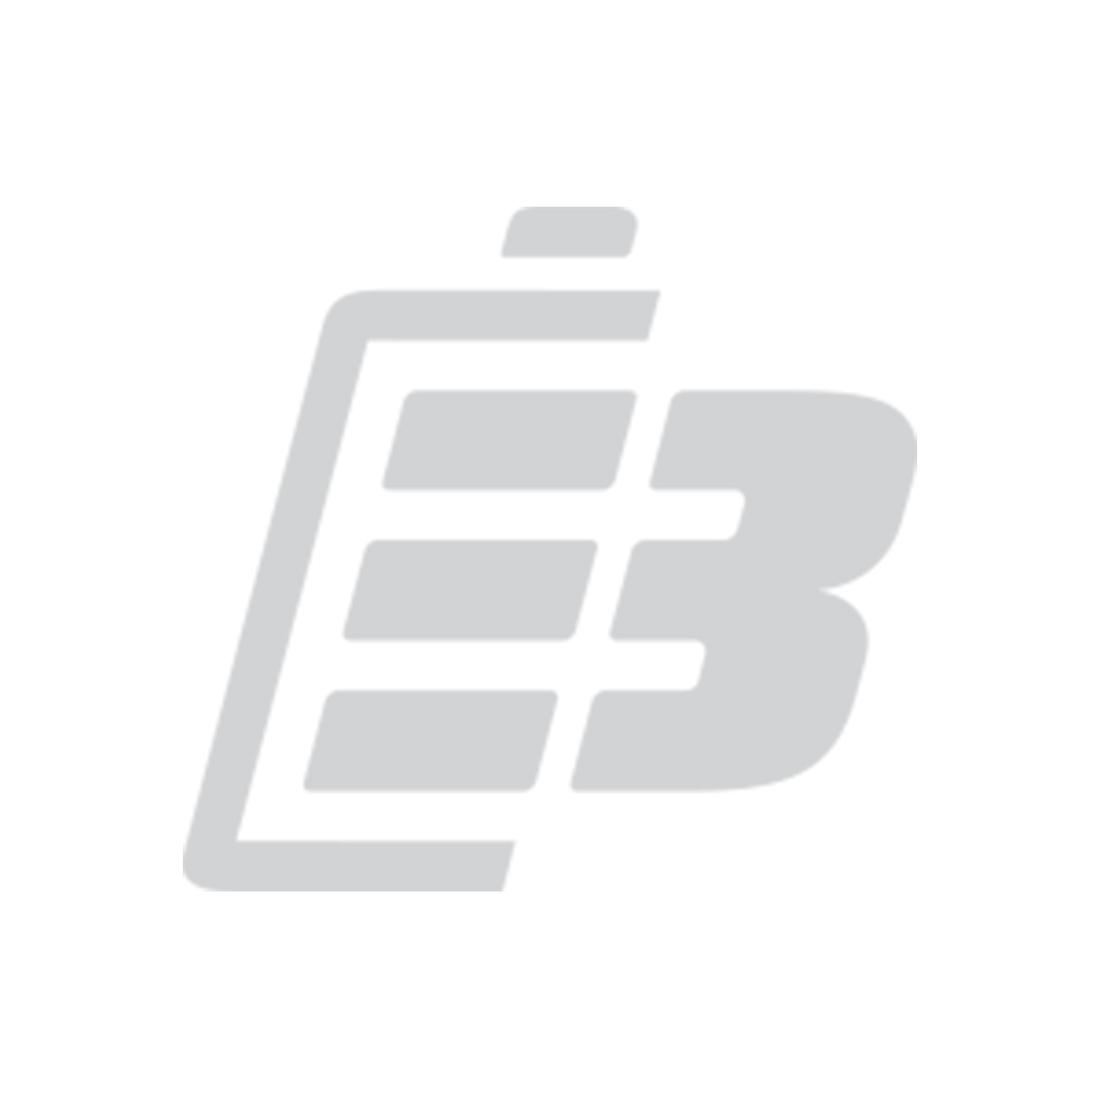 Camera battery Pentax EI-D-LI1_1